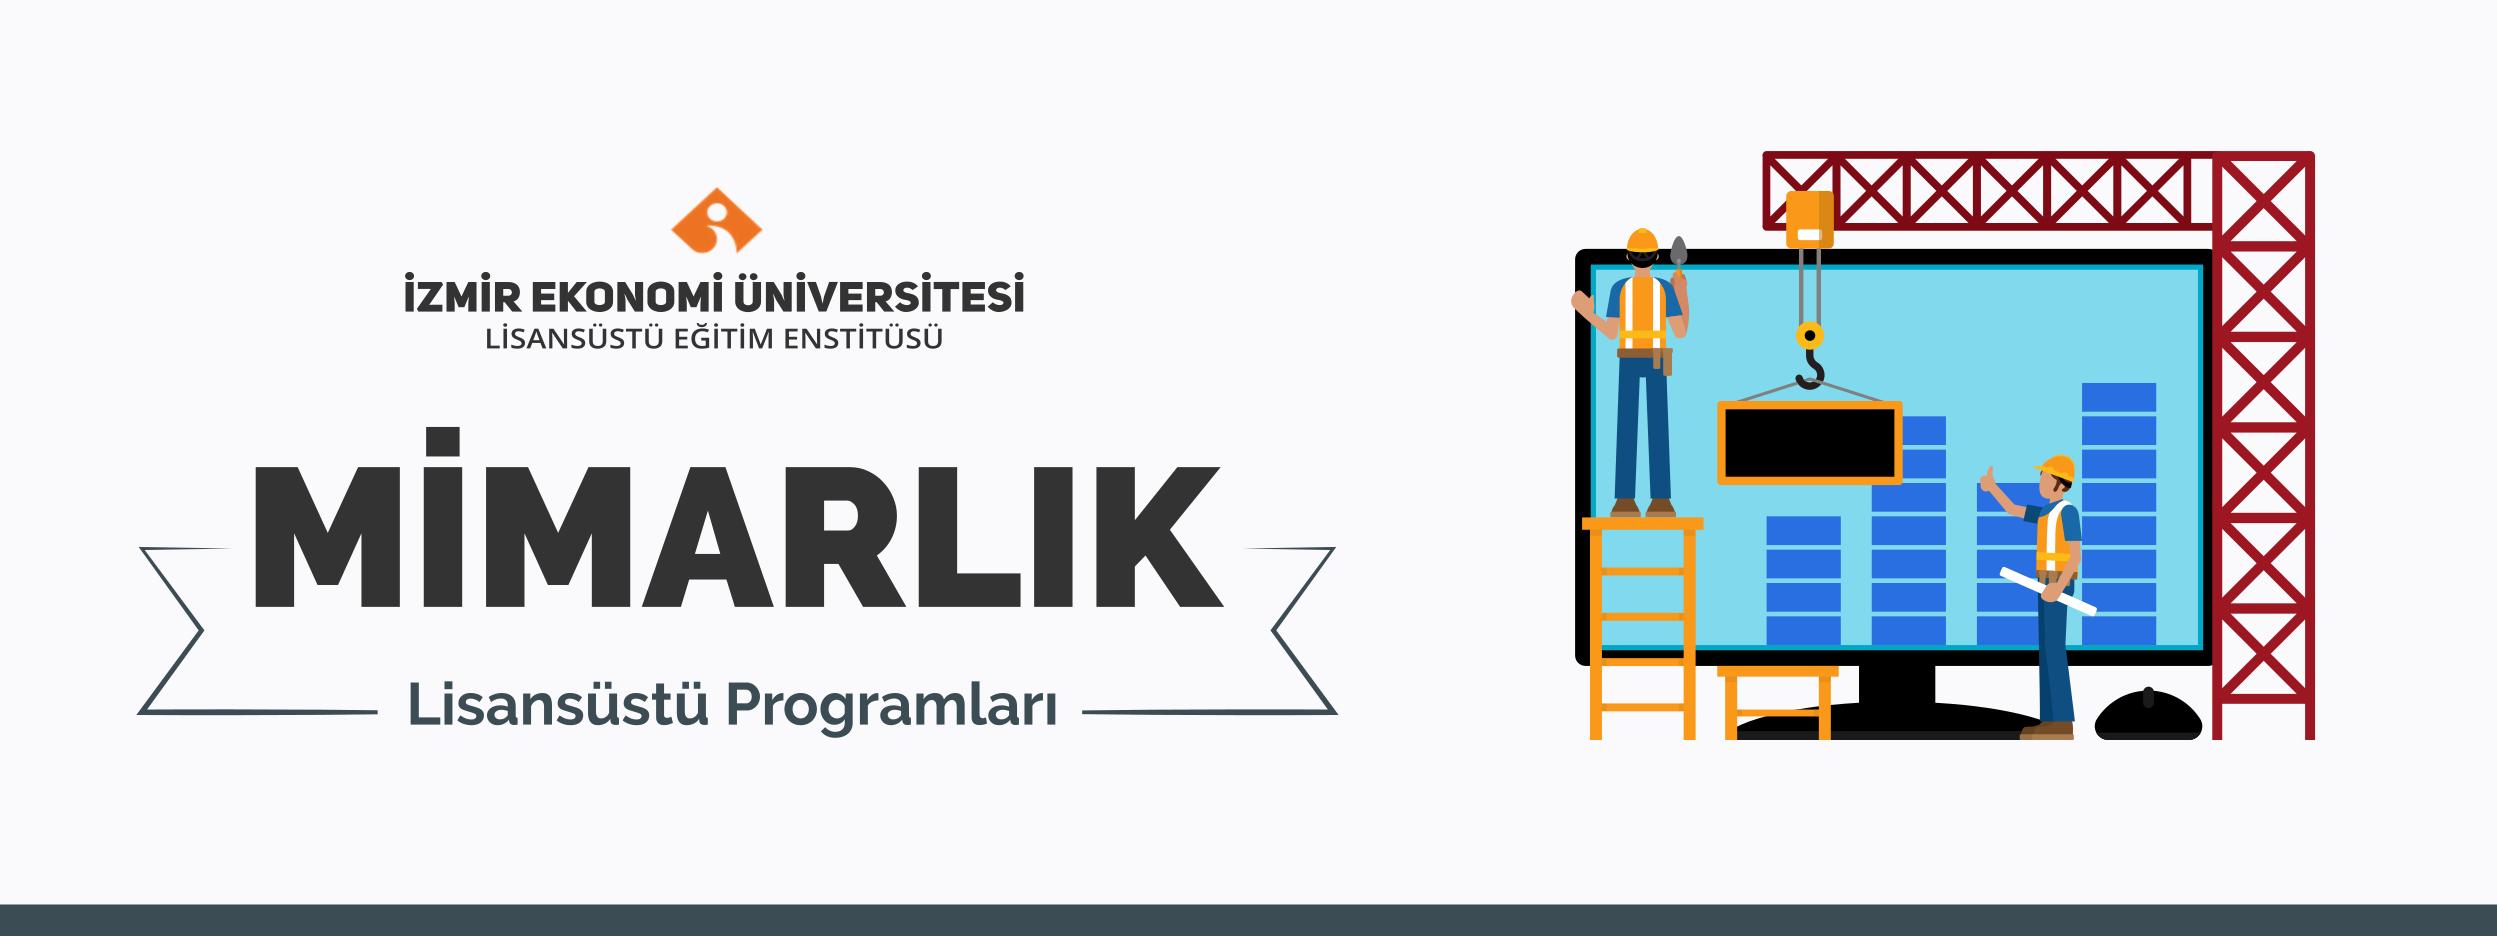 İzmir Ekonomi Üniversitesi Mimarlık Yüksek Lisans ve Master Programı